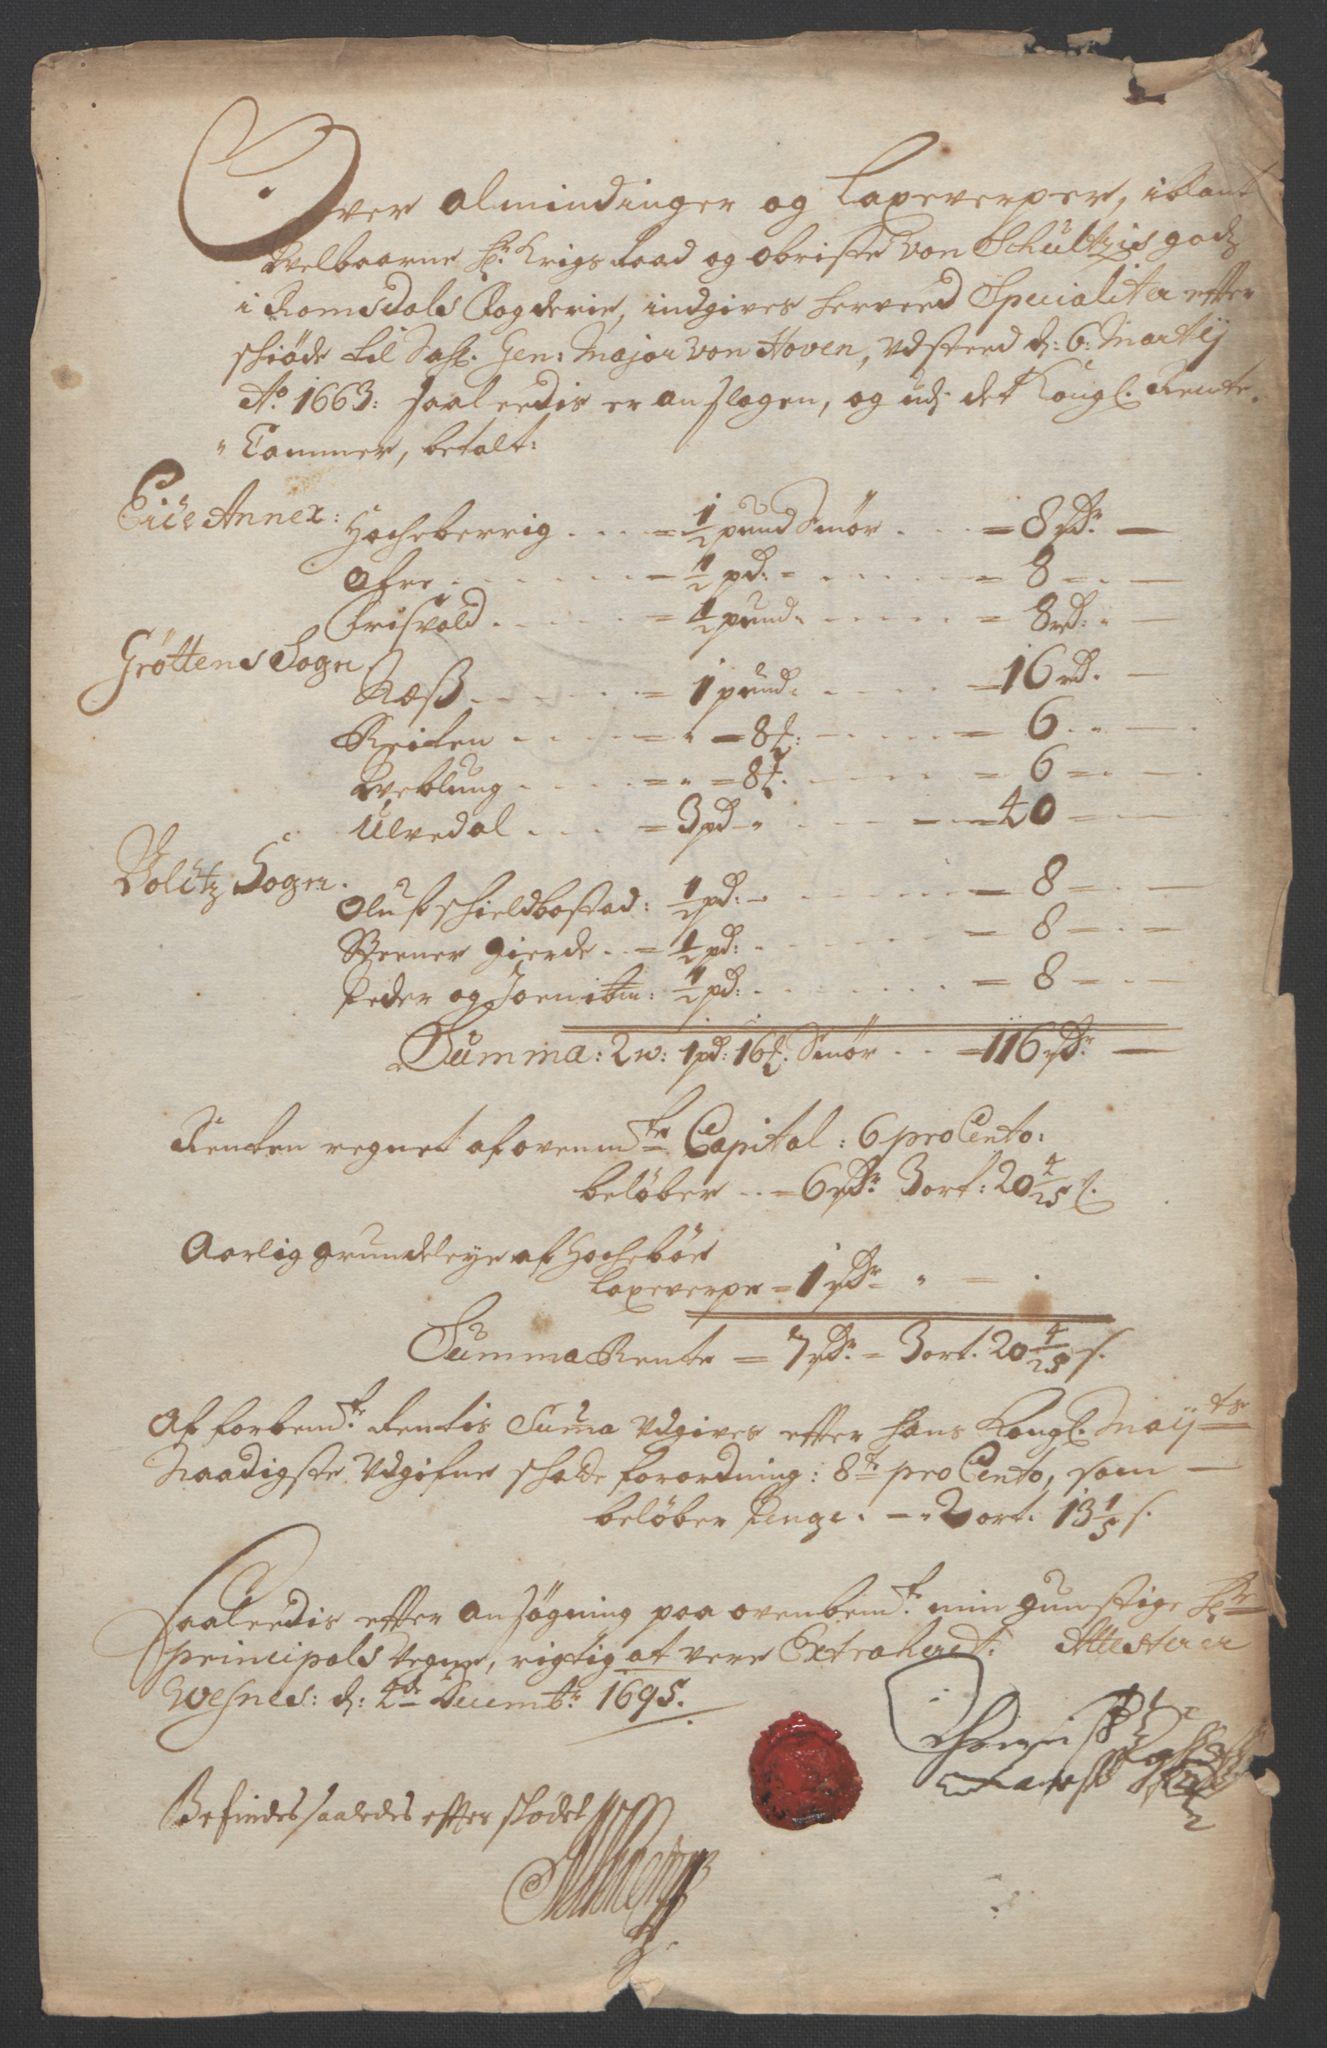 RA, Rentekammeret inntil 1814, Reviderte regnskaper, Fogderegnskap, R55/L3652: Fogderegnskap Romsdal, 1695-1696, s. 67